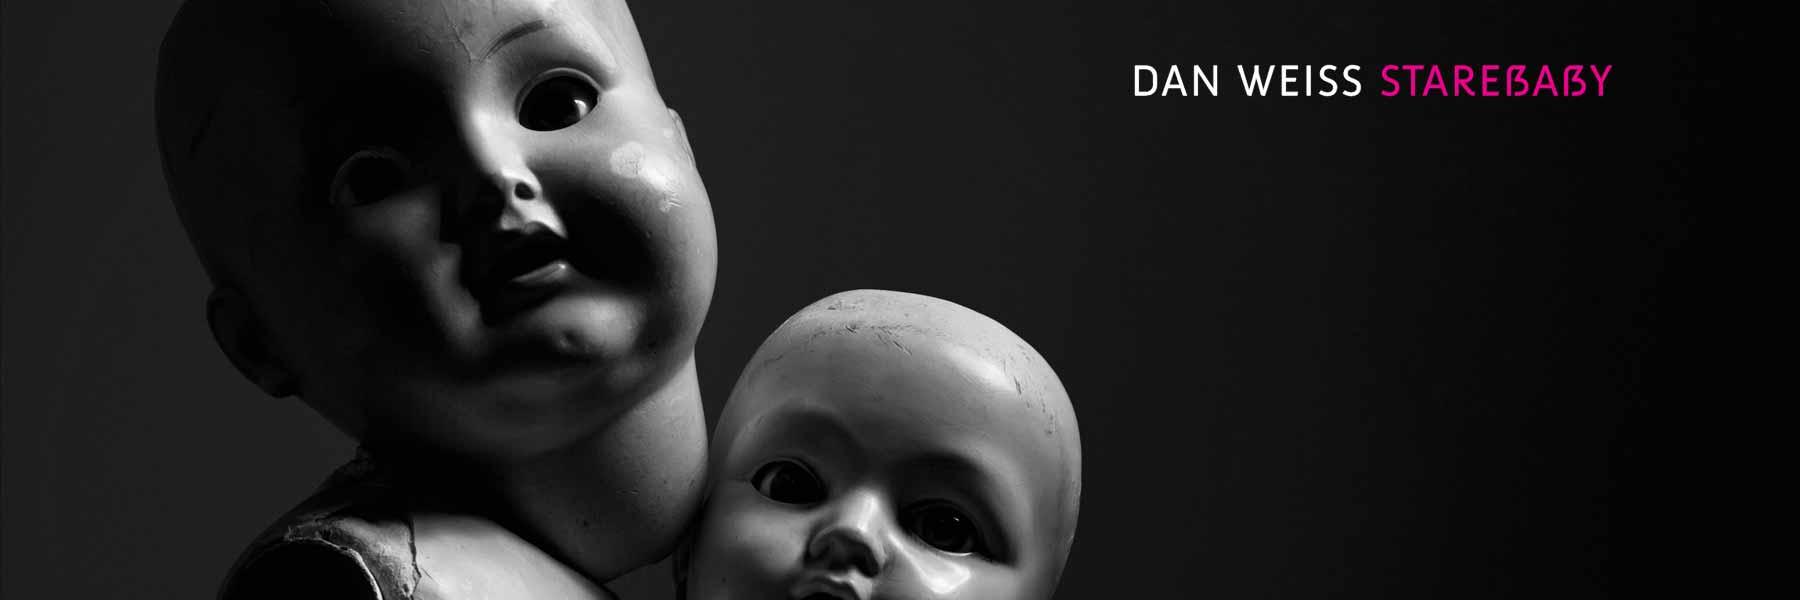 Dan Weiss - Starebaby